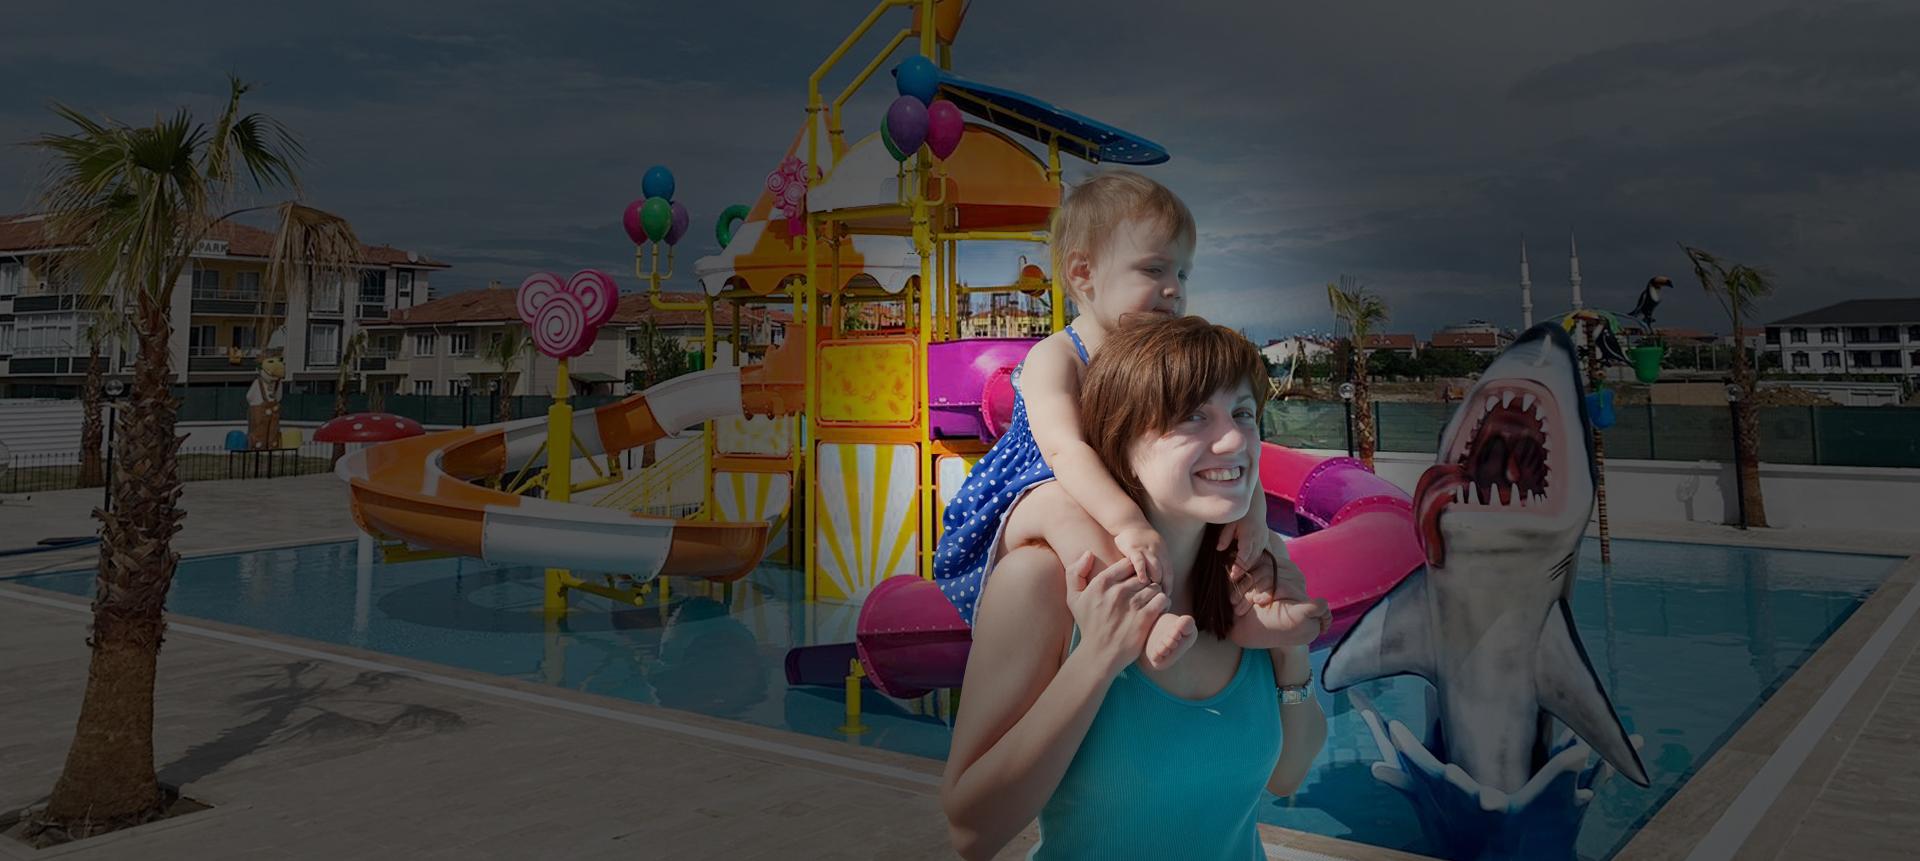 Sakarya'nın İlk ve Tek Çocuk Aqua Parkı!